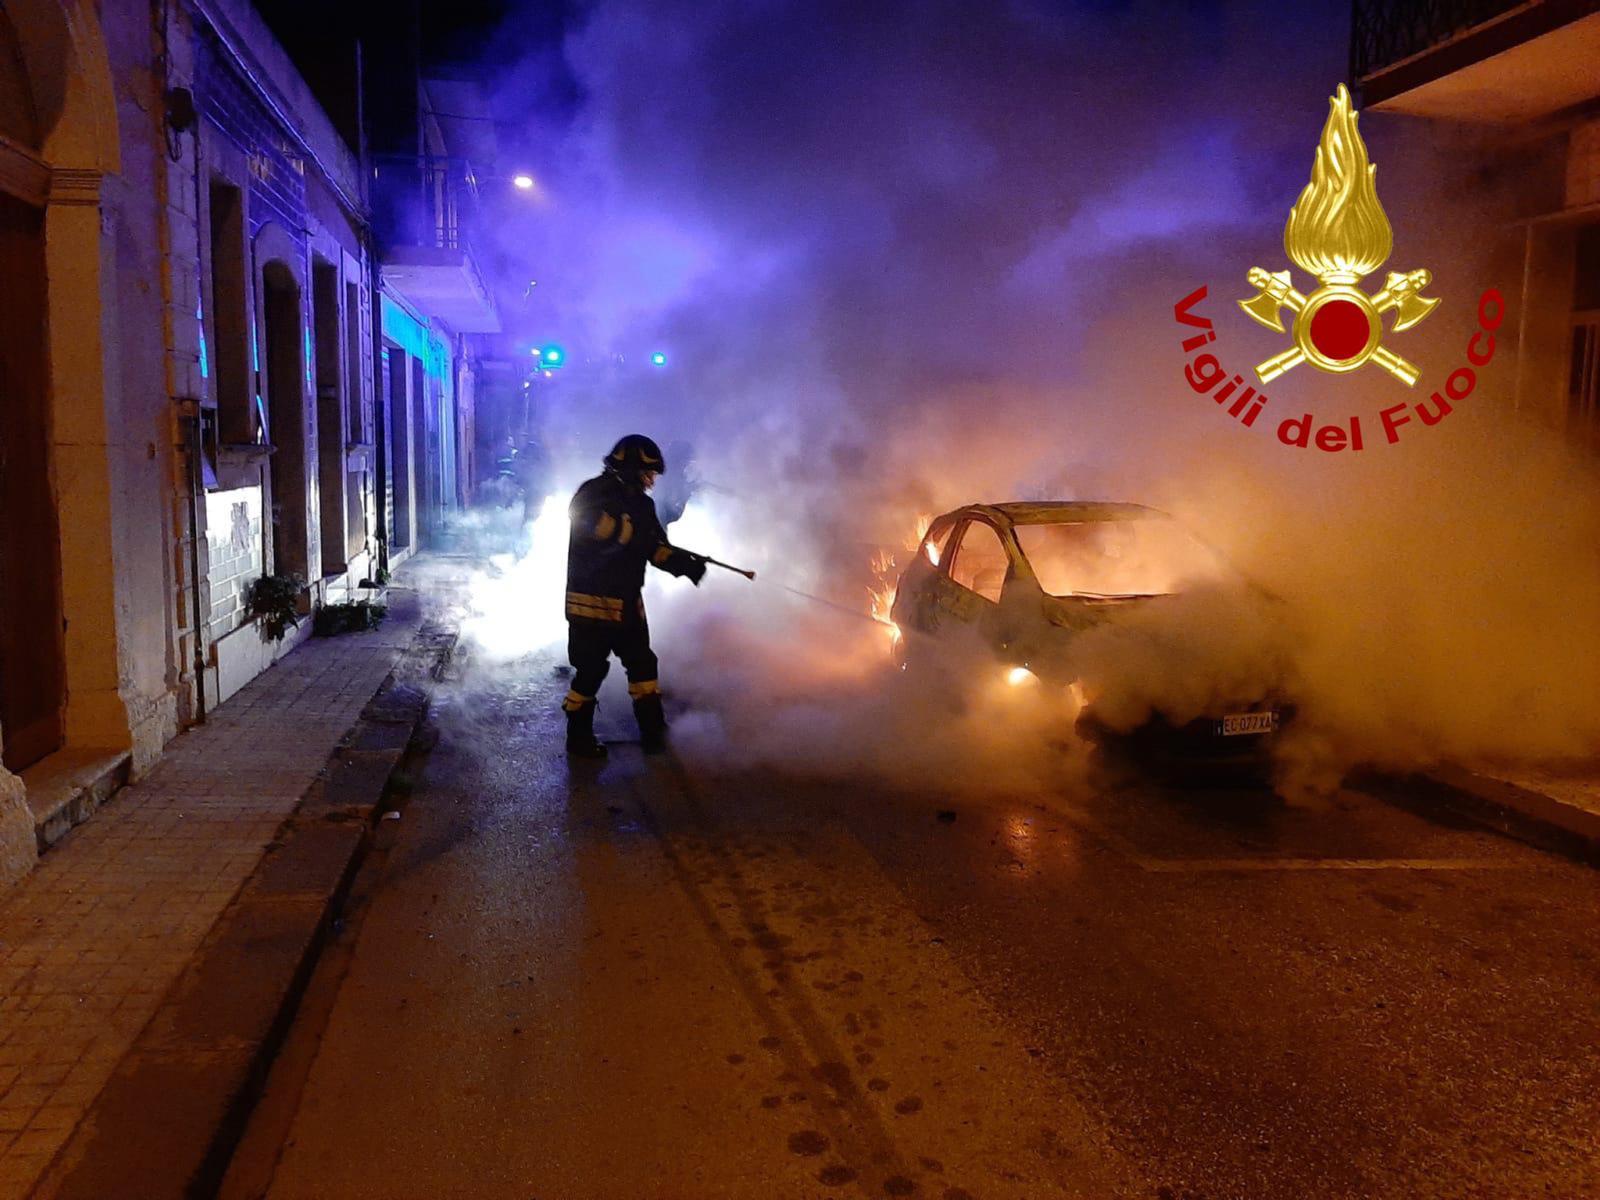 Notte di paura e di fuoco a Floridia, due auto divorate dal fuoco in via XI Febbraio